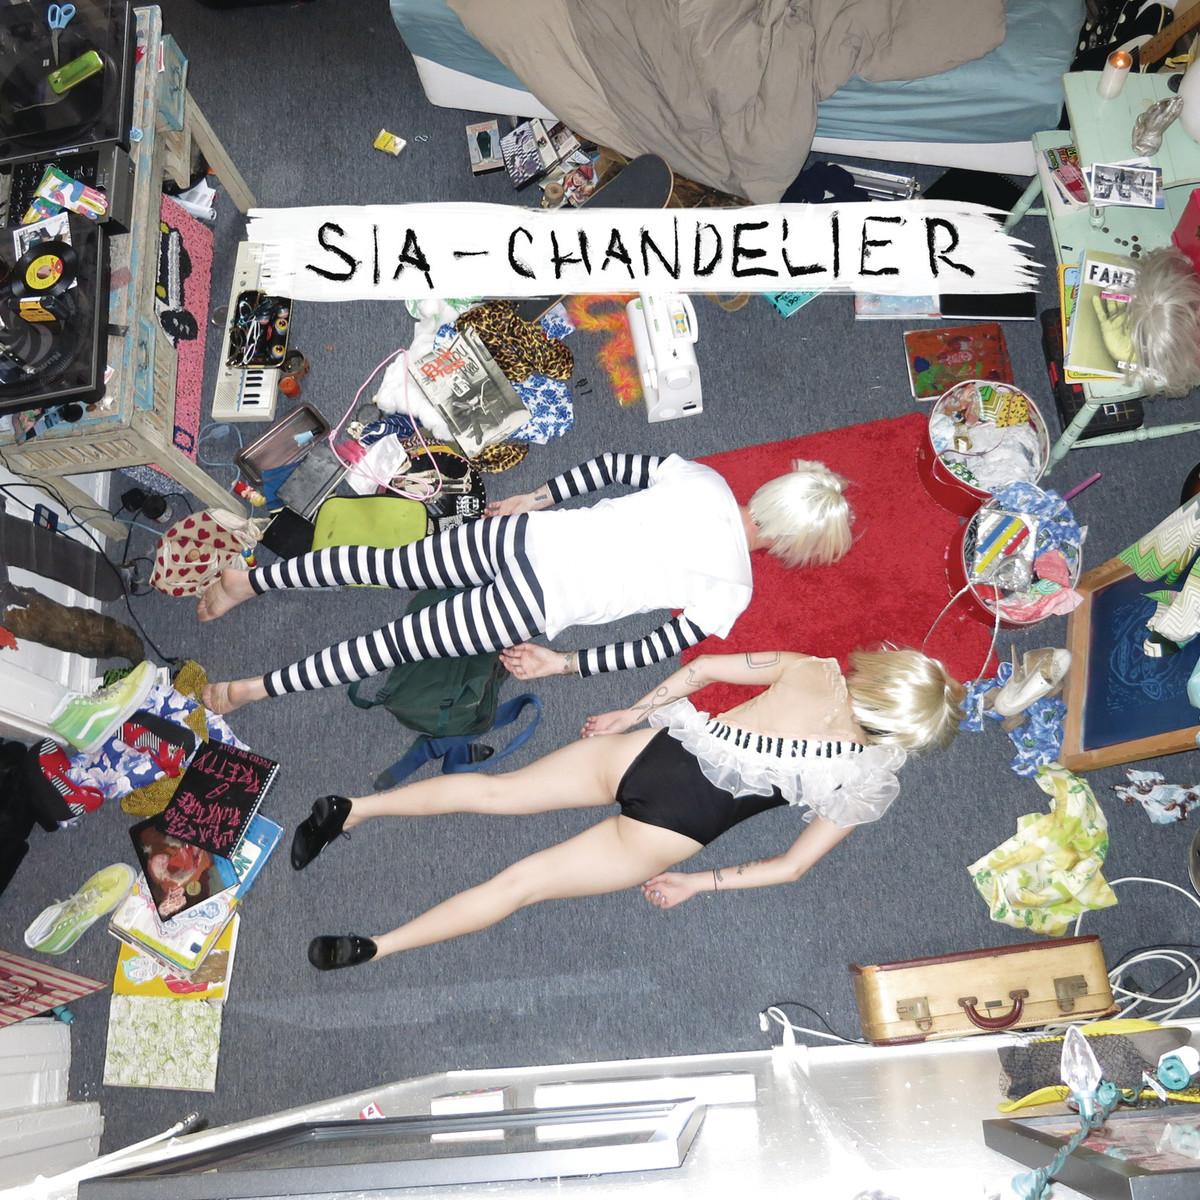 Sia-Chandelier-2014_metalocus_01_1200.png